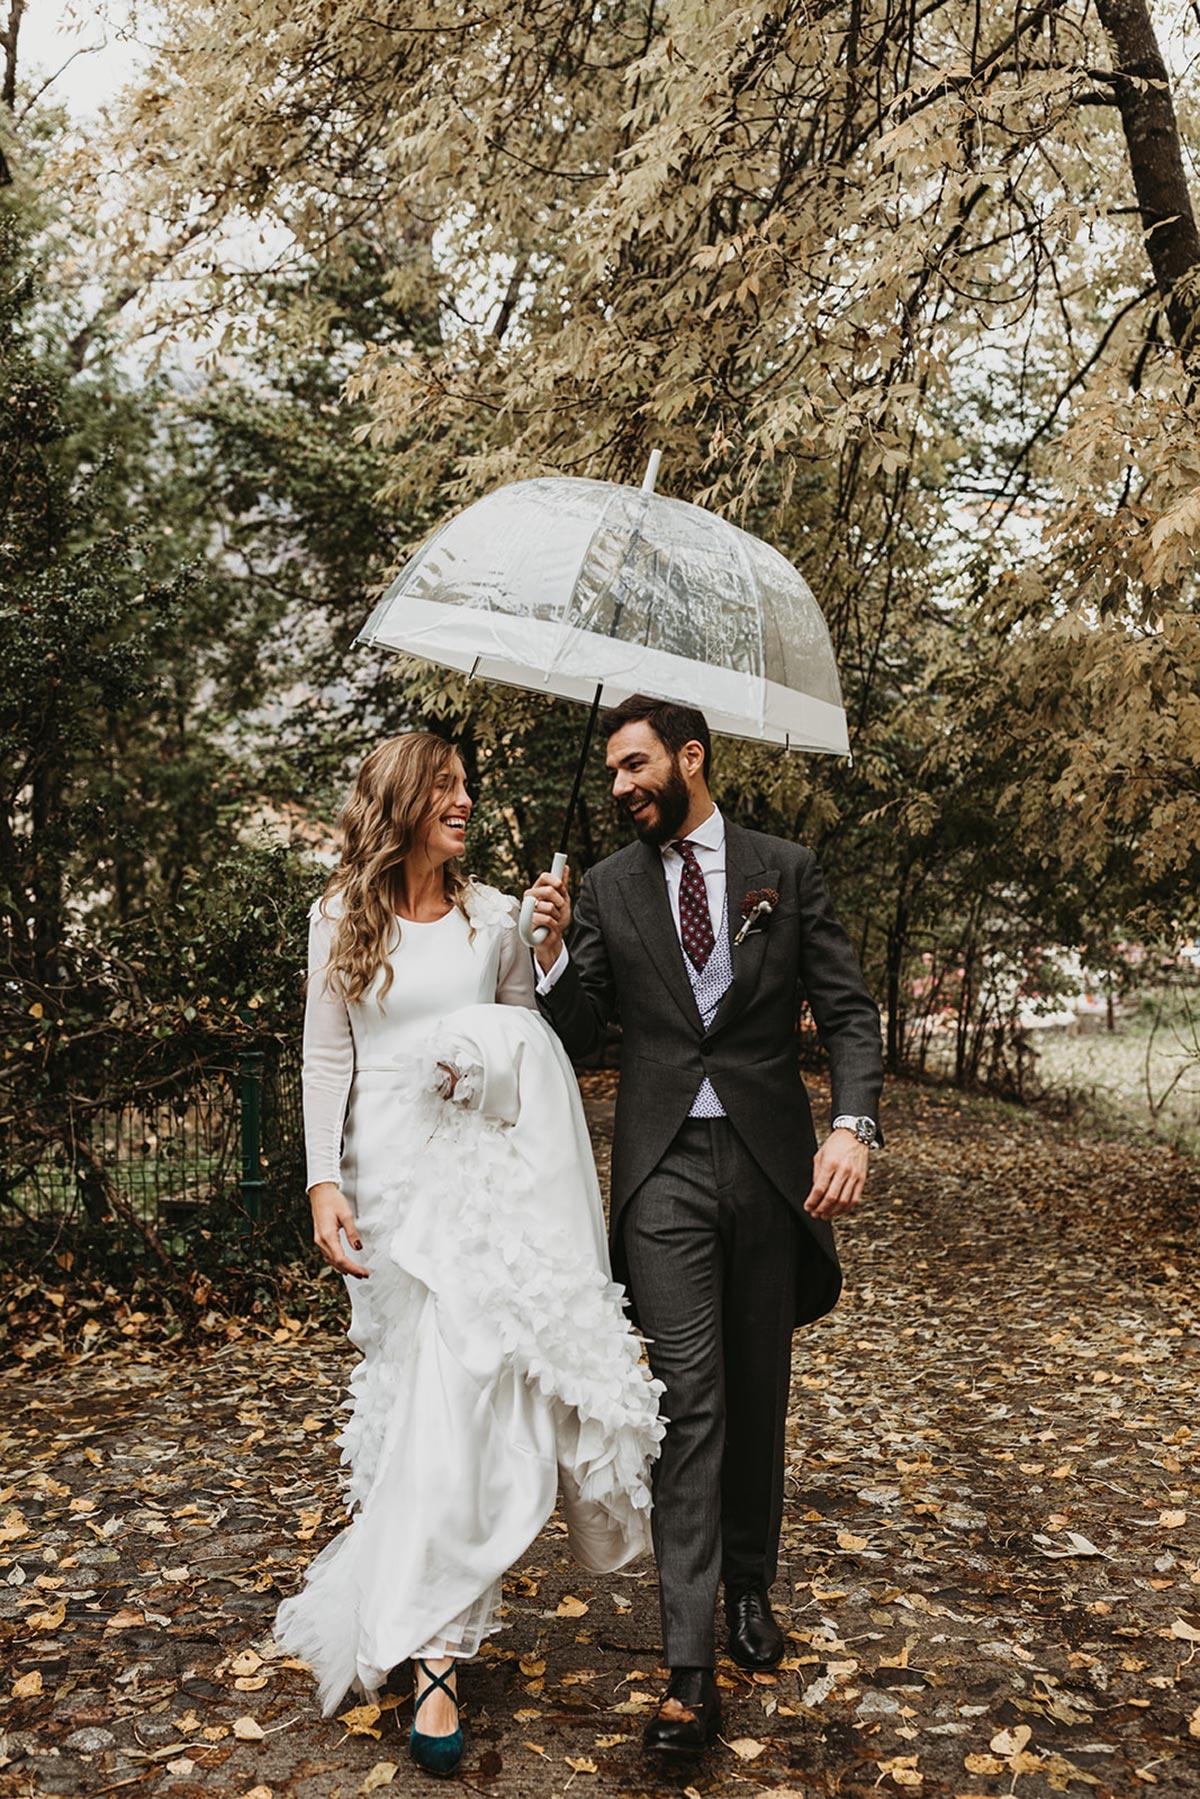 Fotografía de novios bajo la lluvia paraguas boda de invierno